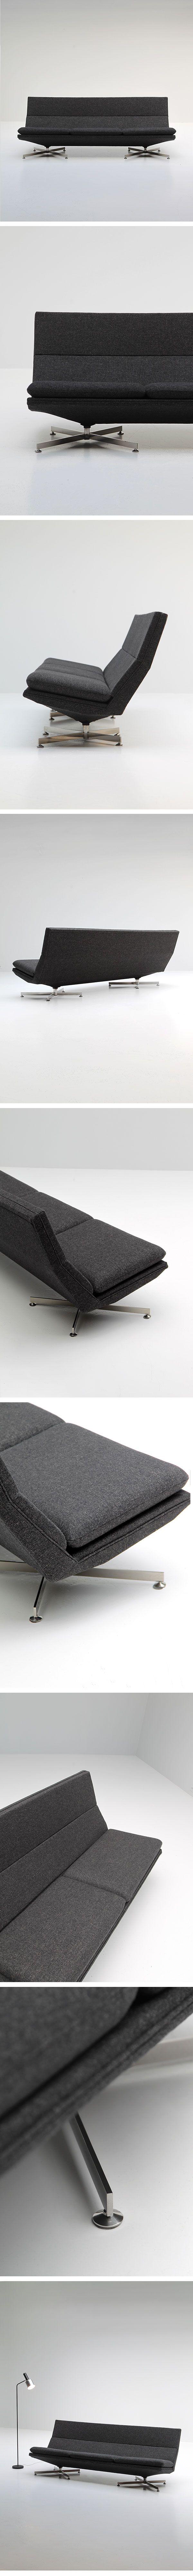 Georges Van Rijck, Beaufort, sofa, 1960s